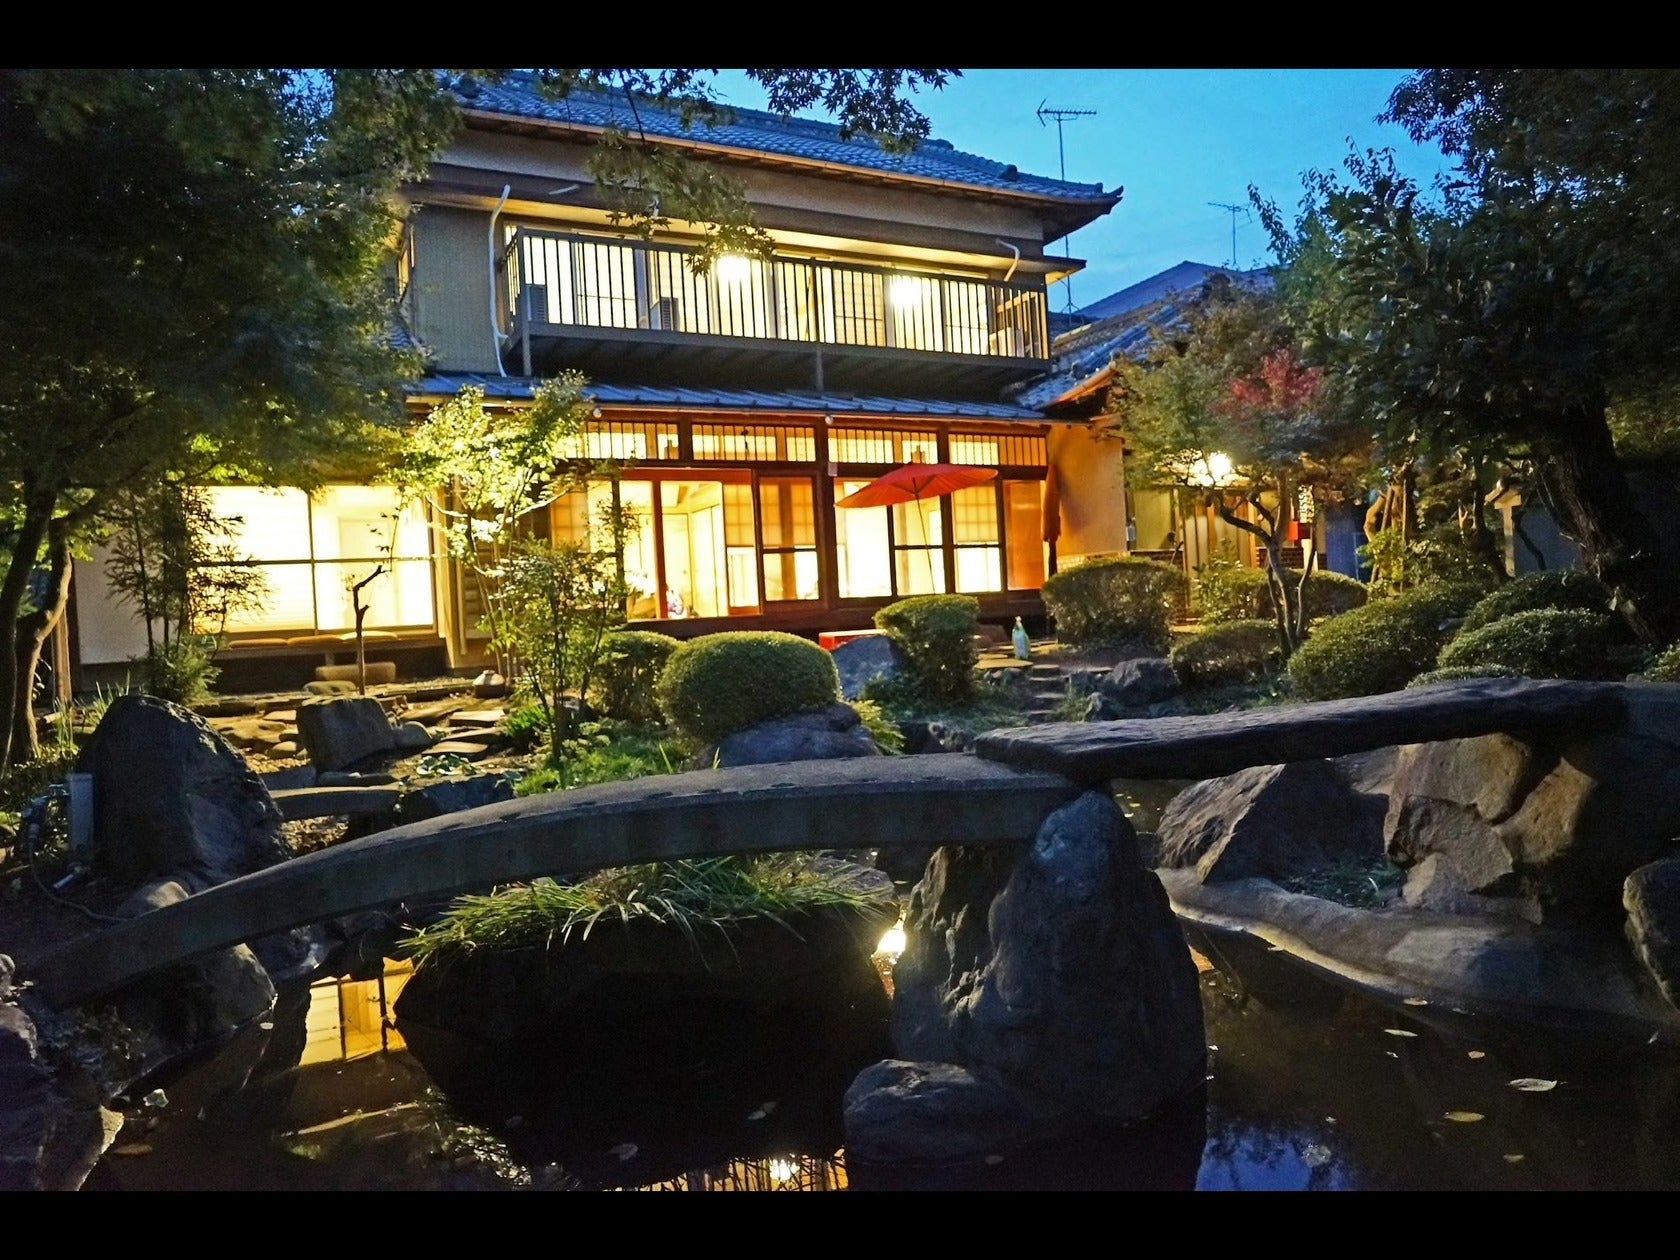 日本庭園と古民家貸切★25人以上可★高速道路、国道からも2分★映画★CM★雑誌撮影★披露宴★合宿 の写真